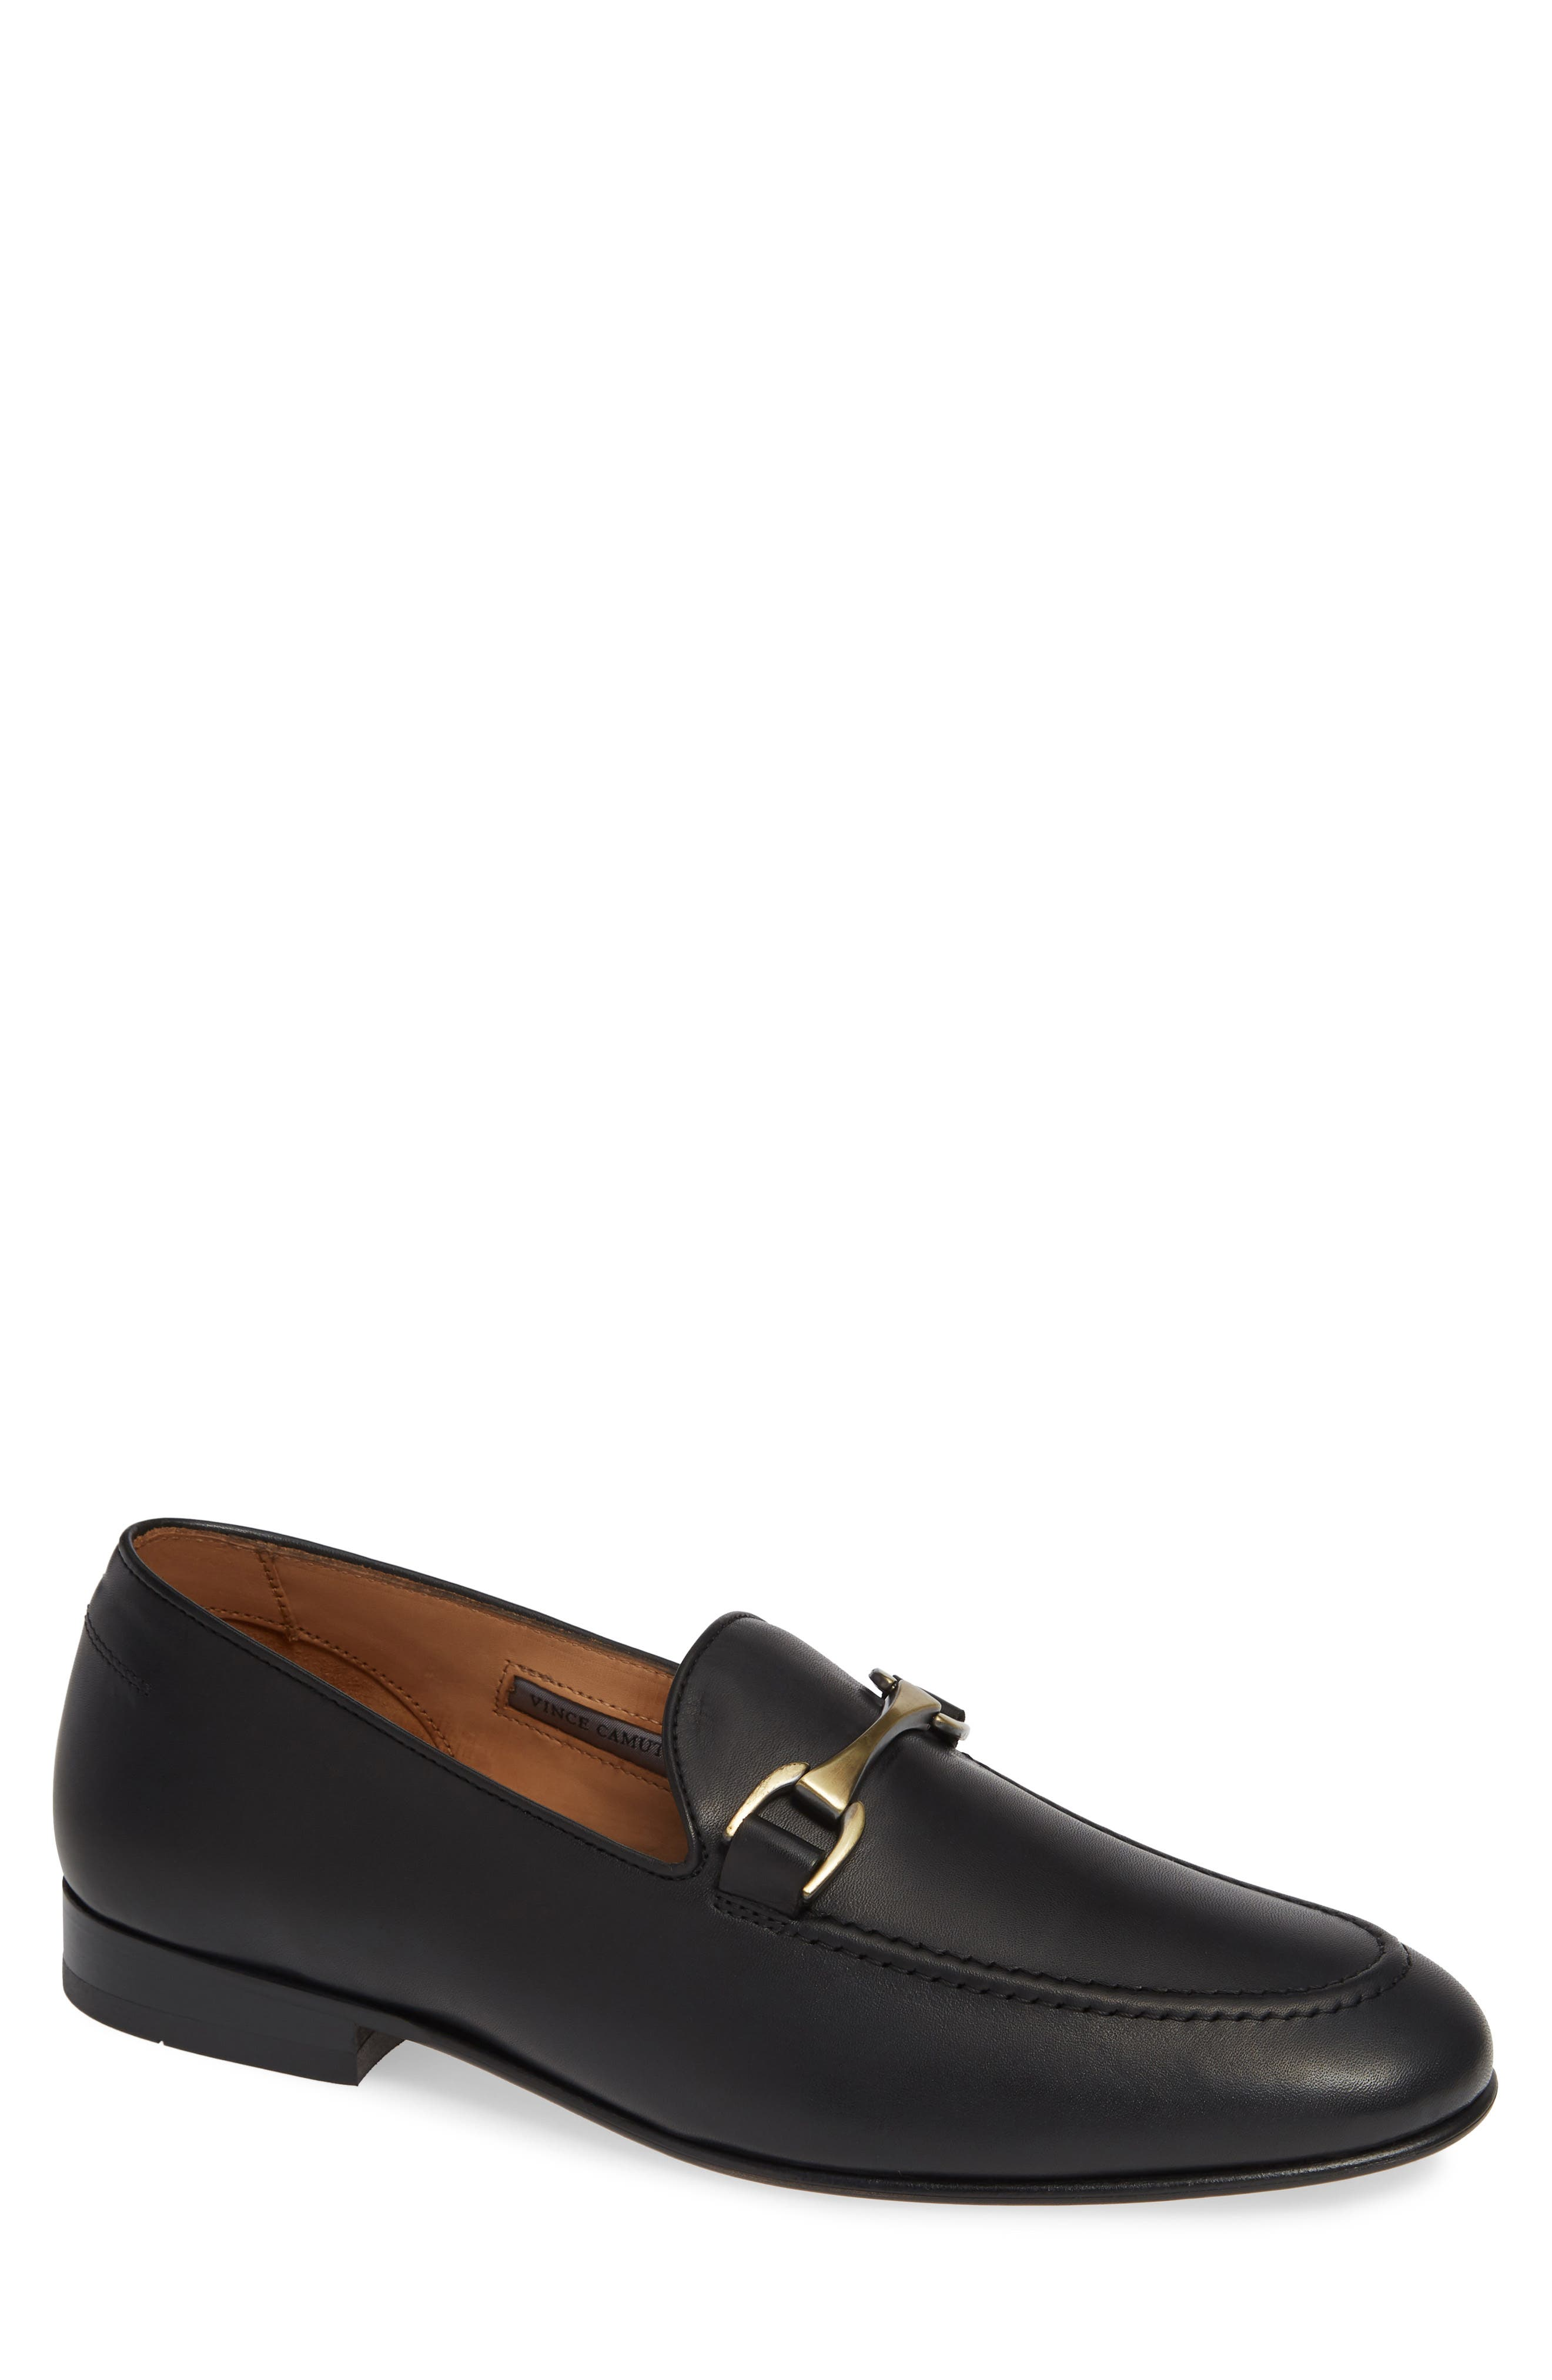 'Borcelo' Bit Loafer,                         Main,                         color, BLACK/BLACK LEATHER